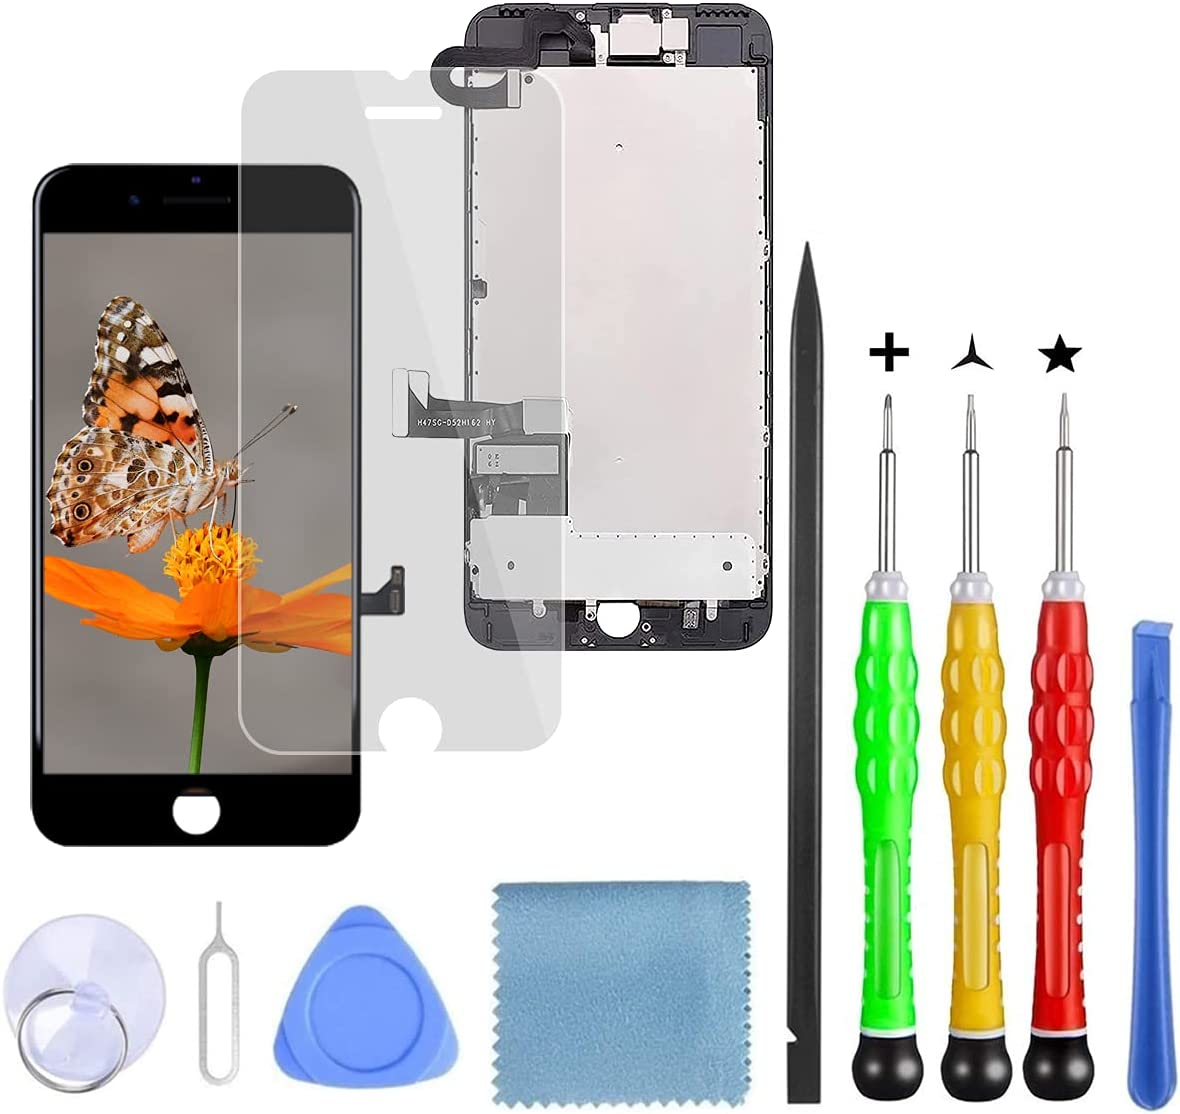 Lansupp Pantalla para iPhone 8 Plus Negro, Táctil LCD Reemplazo con Cámara Frontal, Sensor de proximidad, Altavoz y Kit de reparación